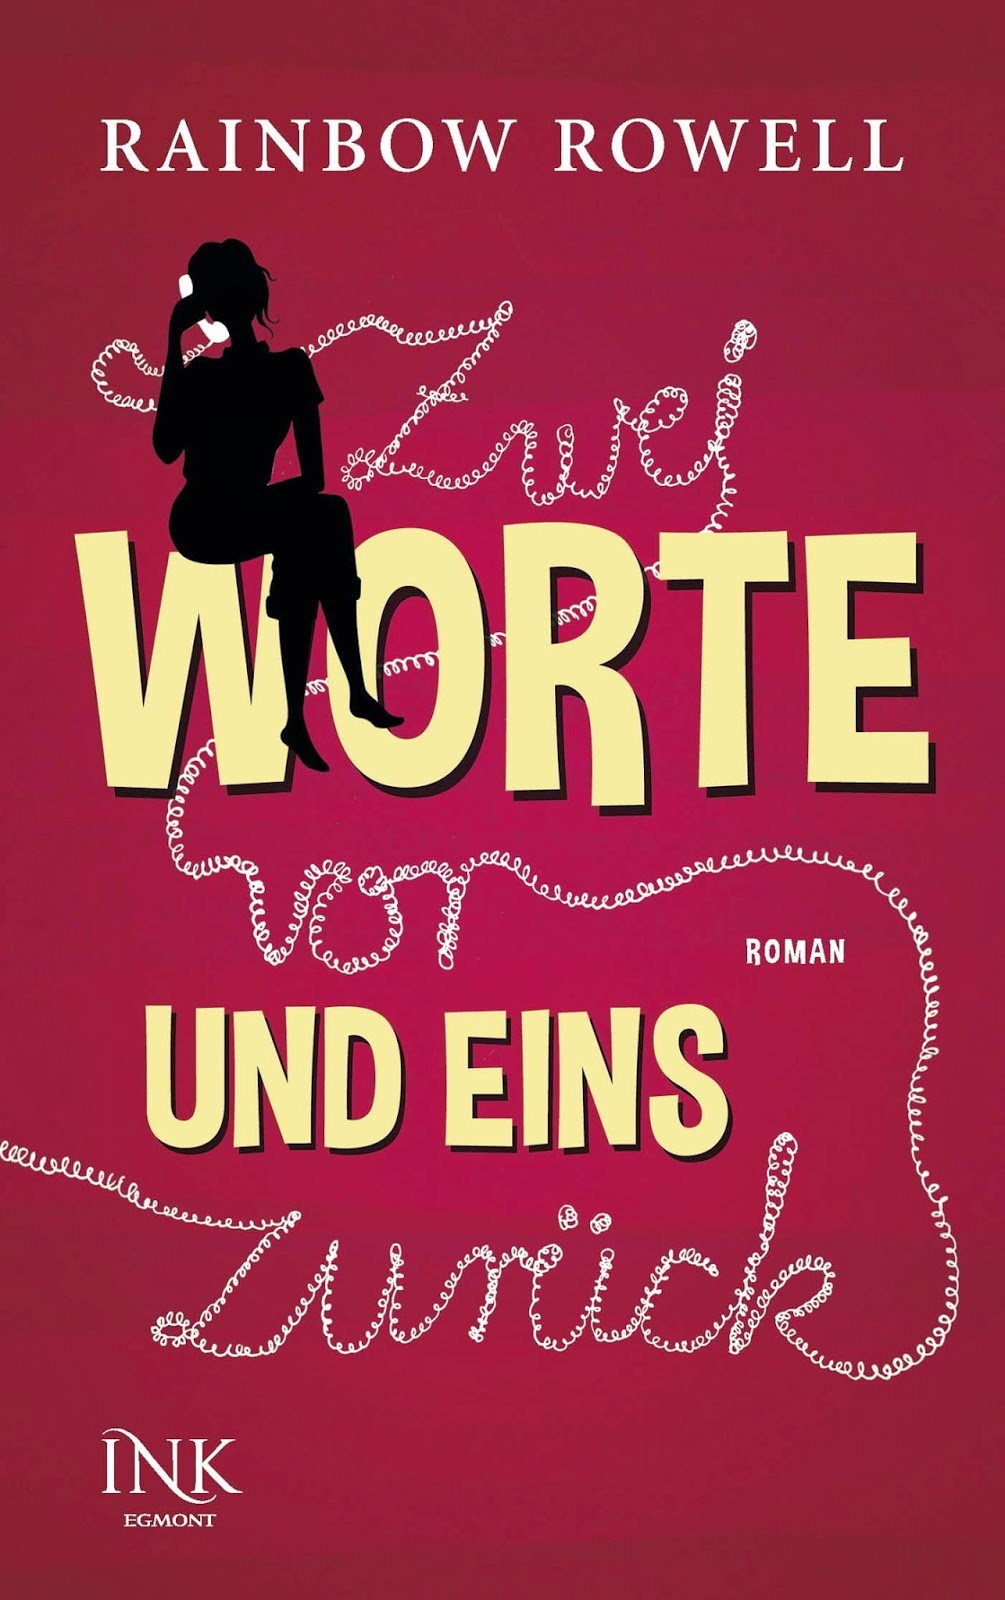 http://egmont-ink.de/buecher-und-autoren/zwei-worte-vor-und-eins-zurueck/